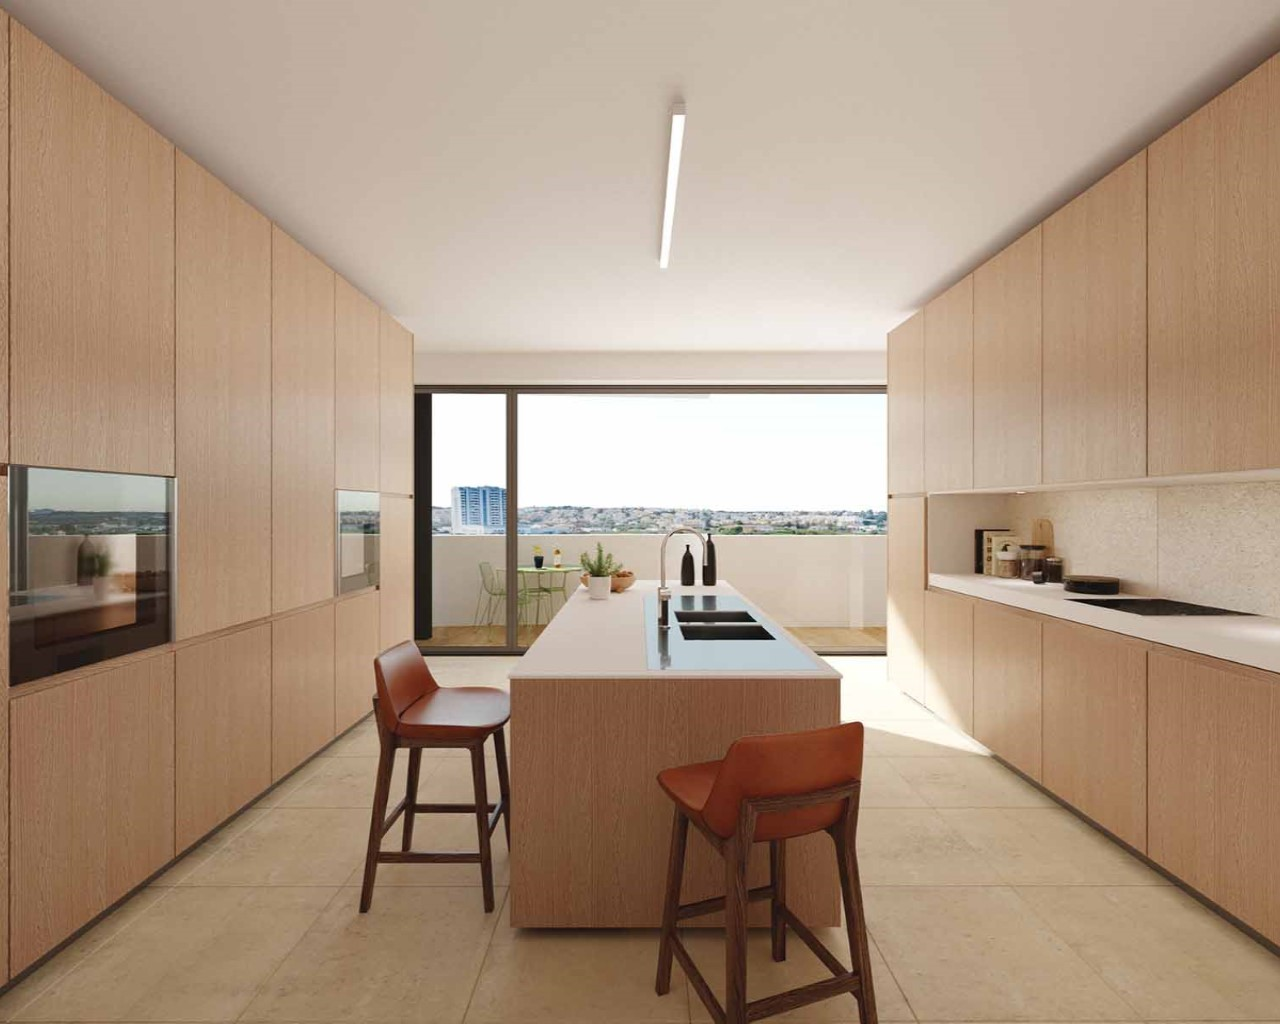 Cozinha - opção serra